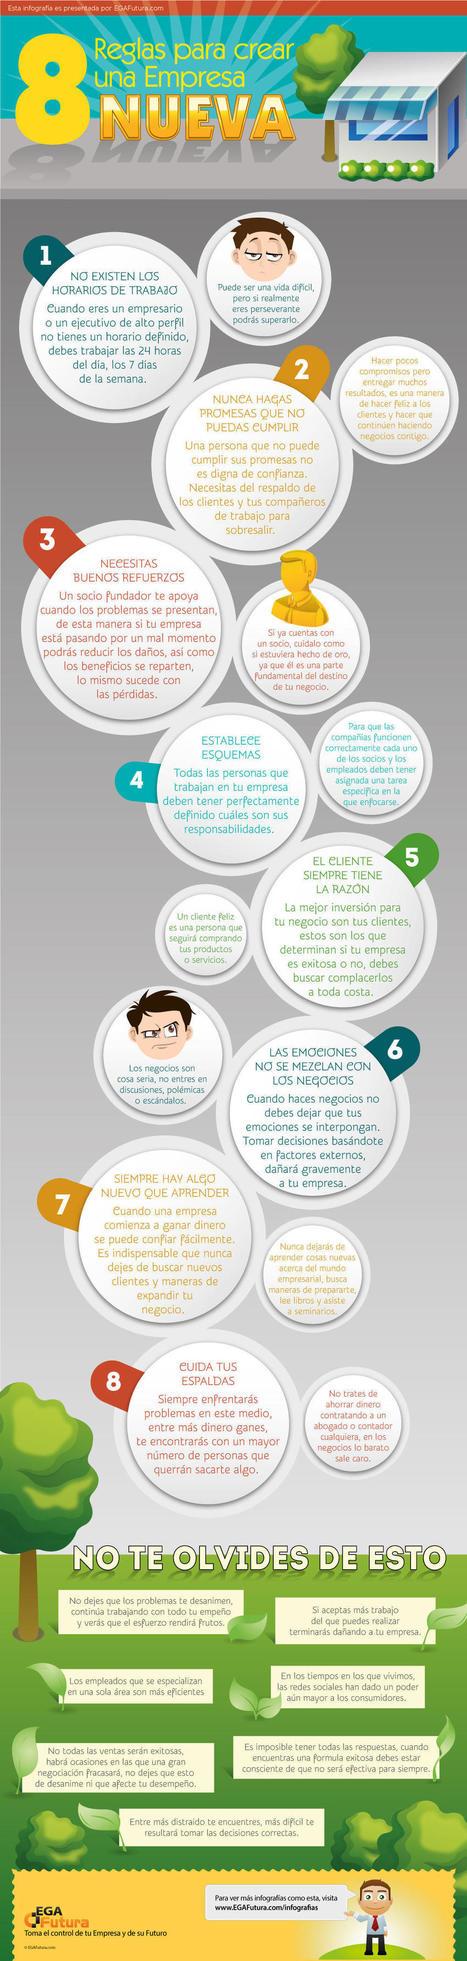 8 reglas para crear una empresa nueva #infografia #infographic ... | UOC BUSINESS SCHOOL | Scoop.it